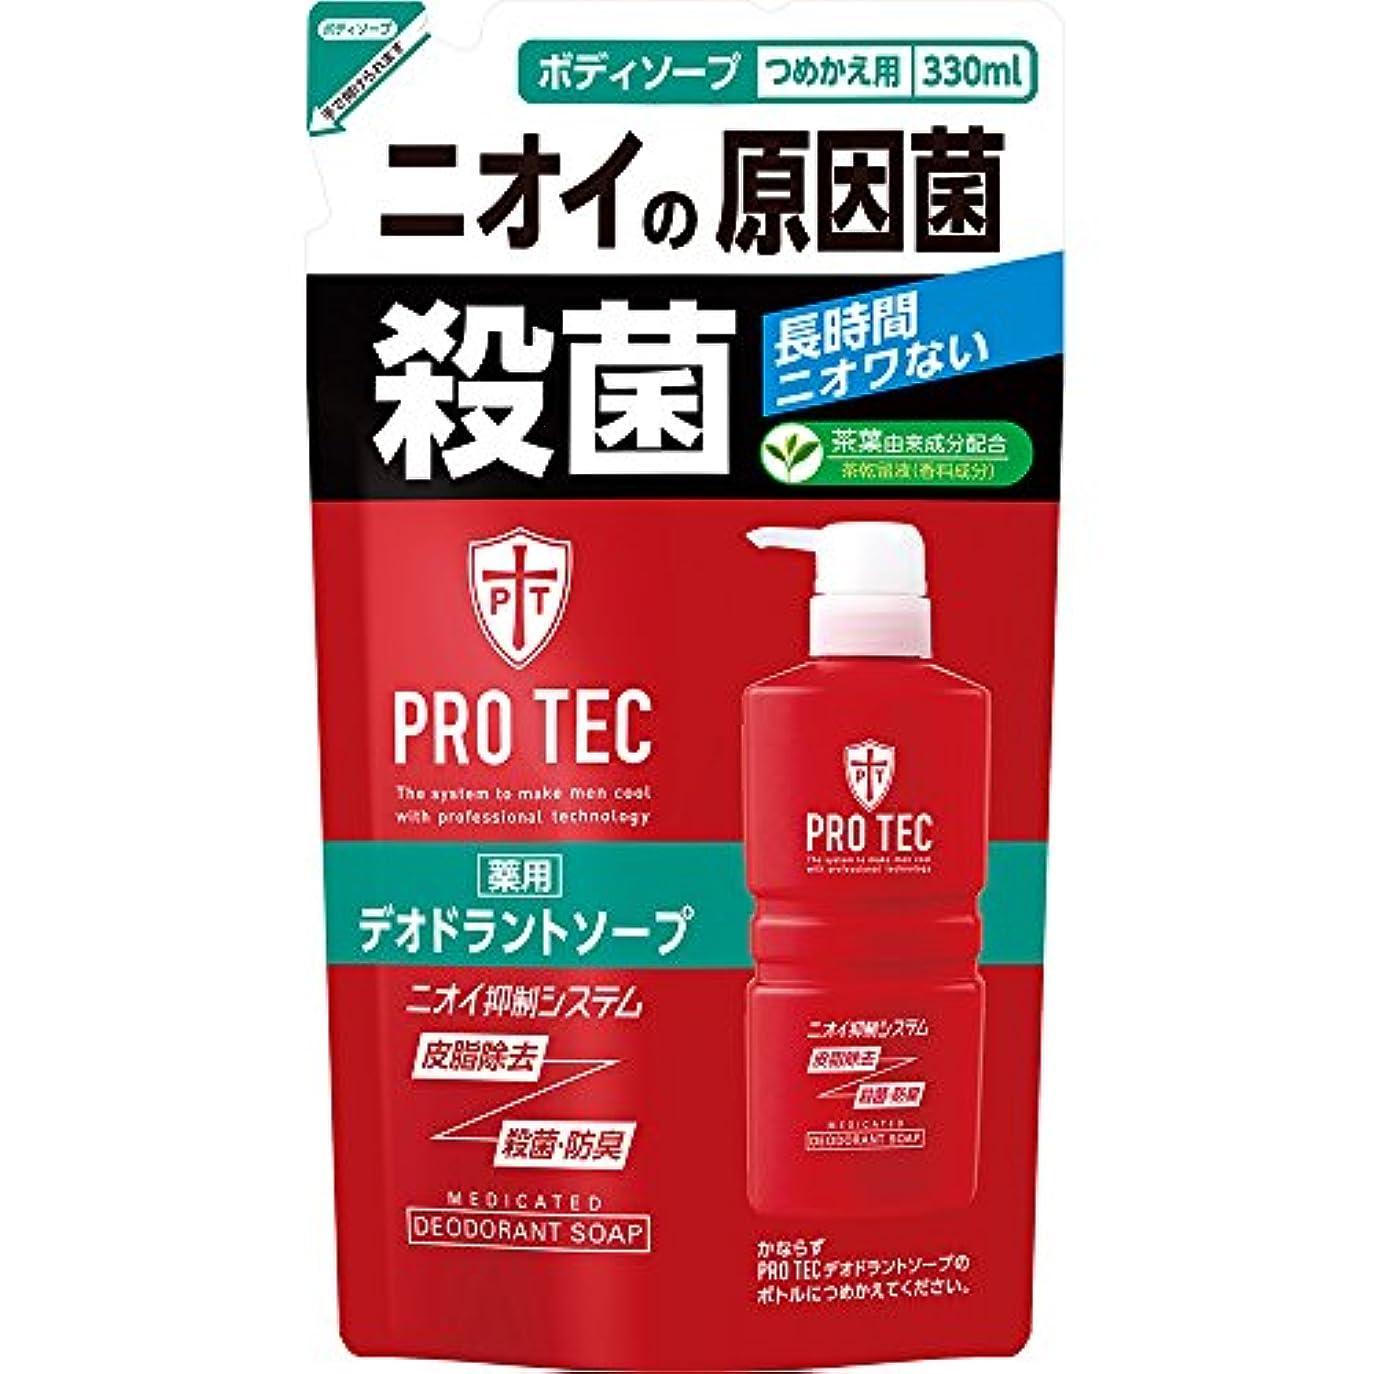 呼びかける論理的に蒸し器PRO TEC(プロテク) デオドラントソープ 詰め替え 330ml(医薬部外品)